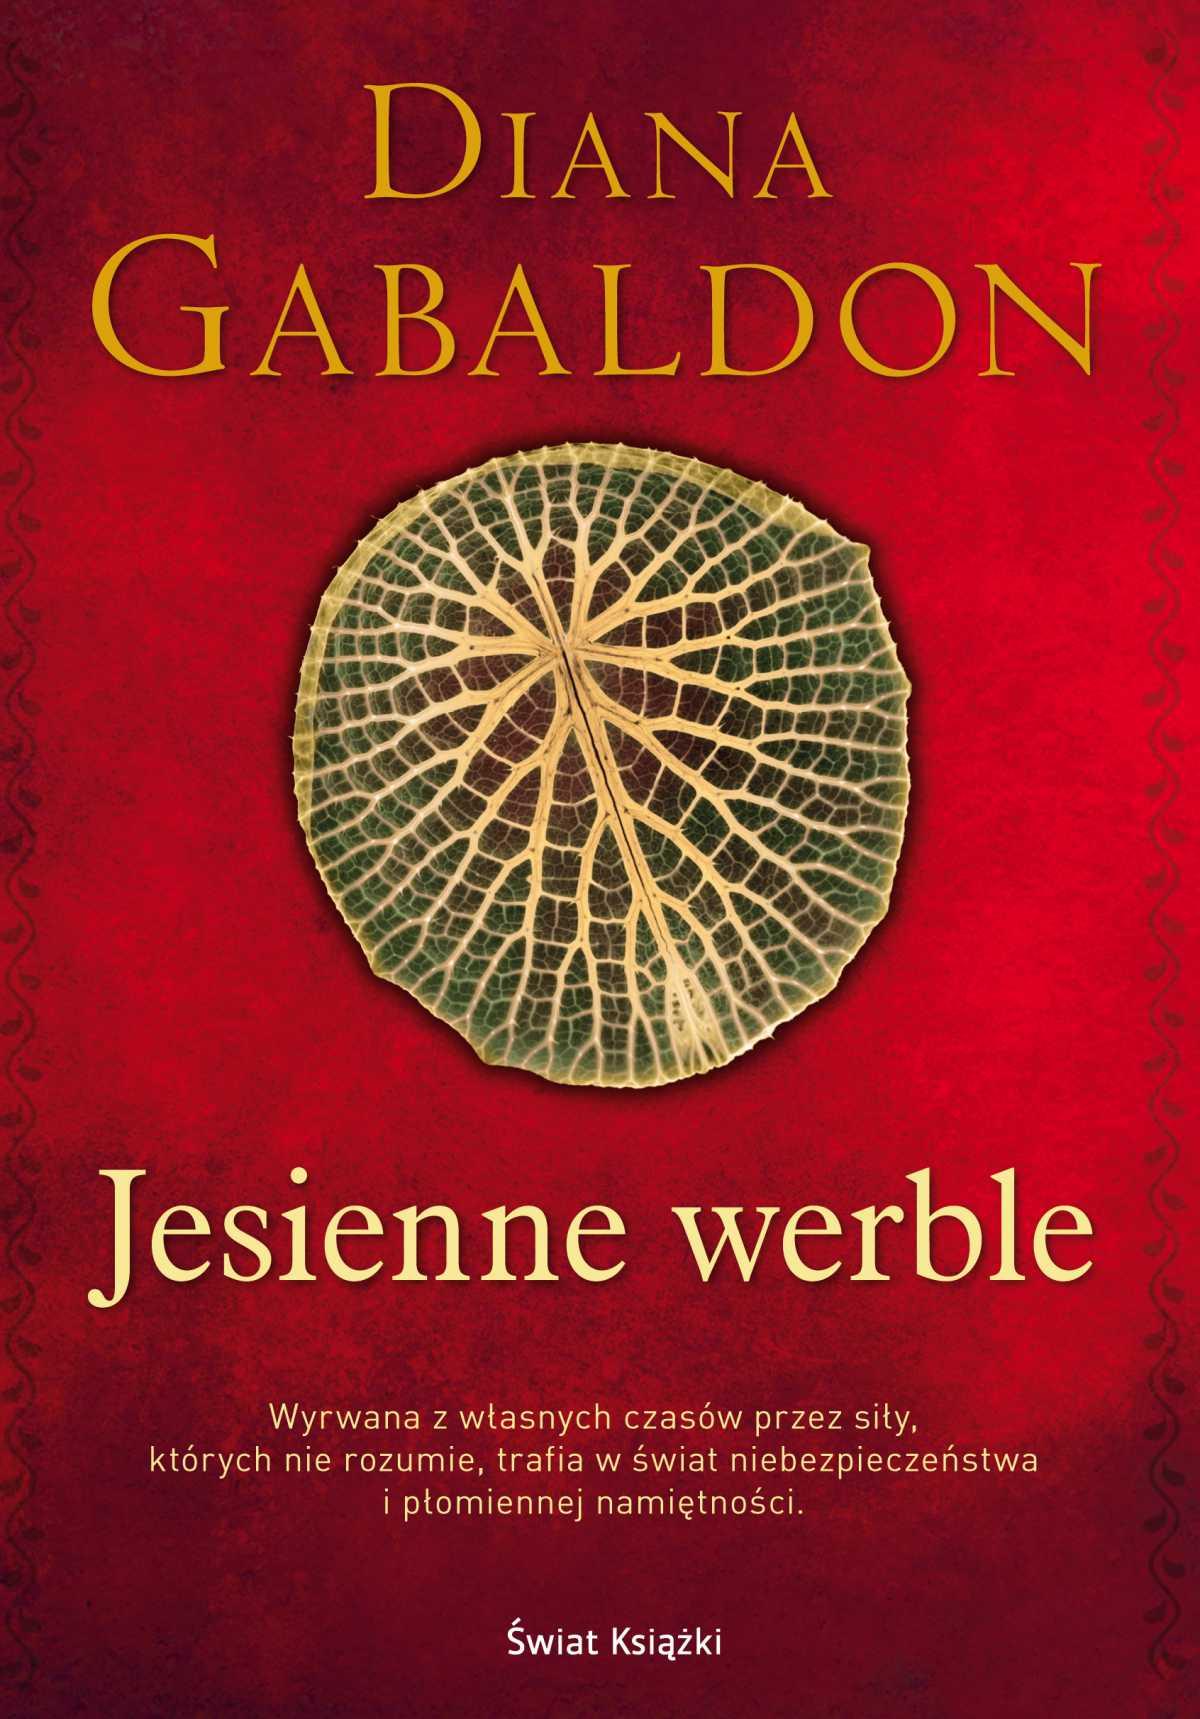 Jesienne werble - Ebook (Książka na Kindle) do pobrania w formacie MOBI